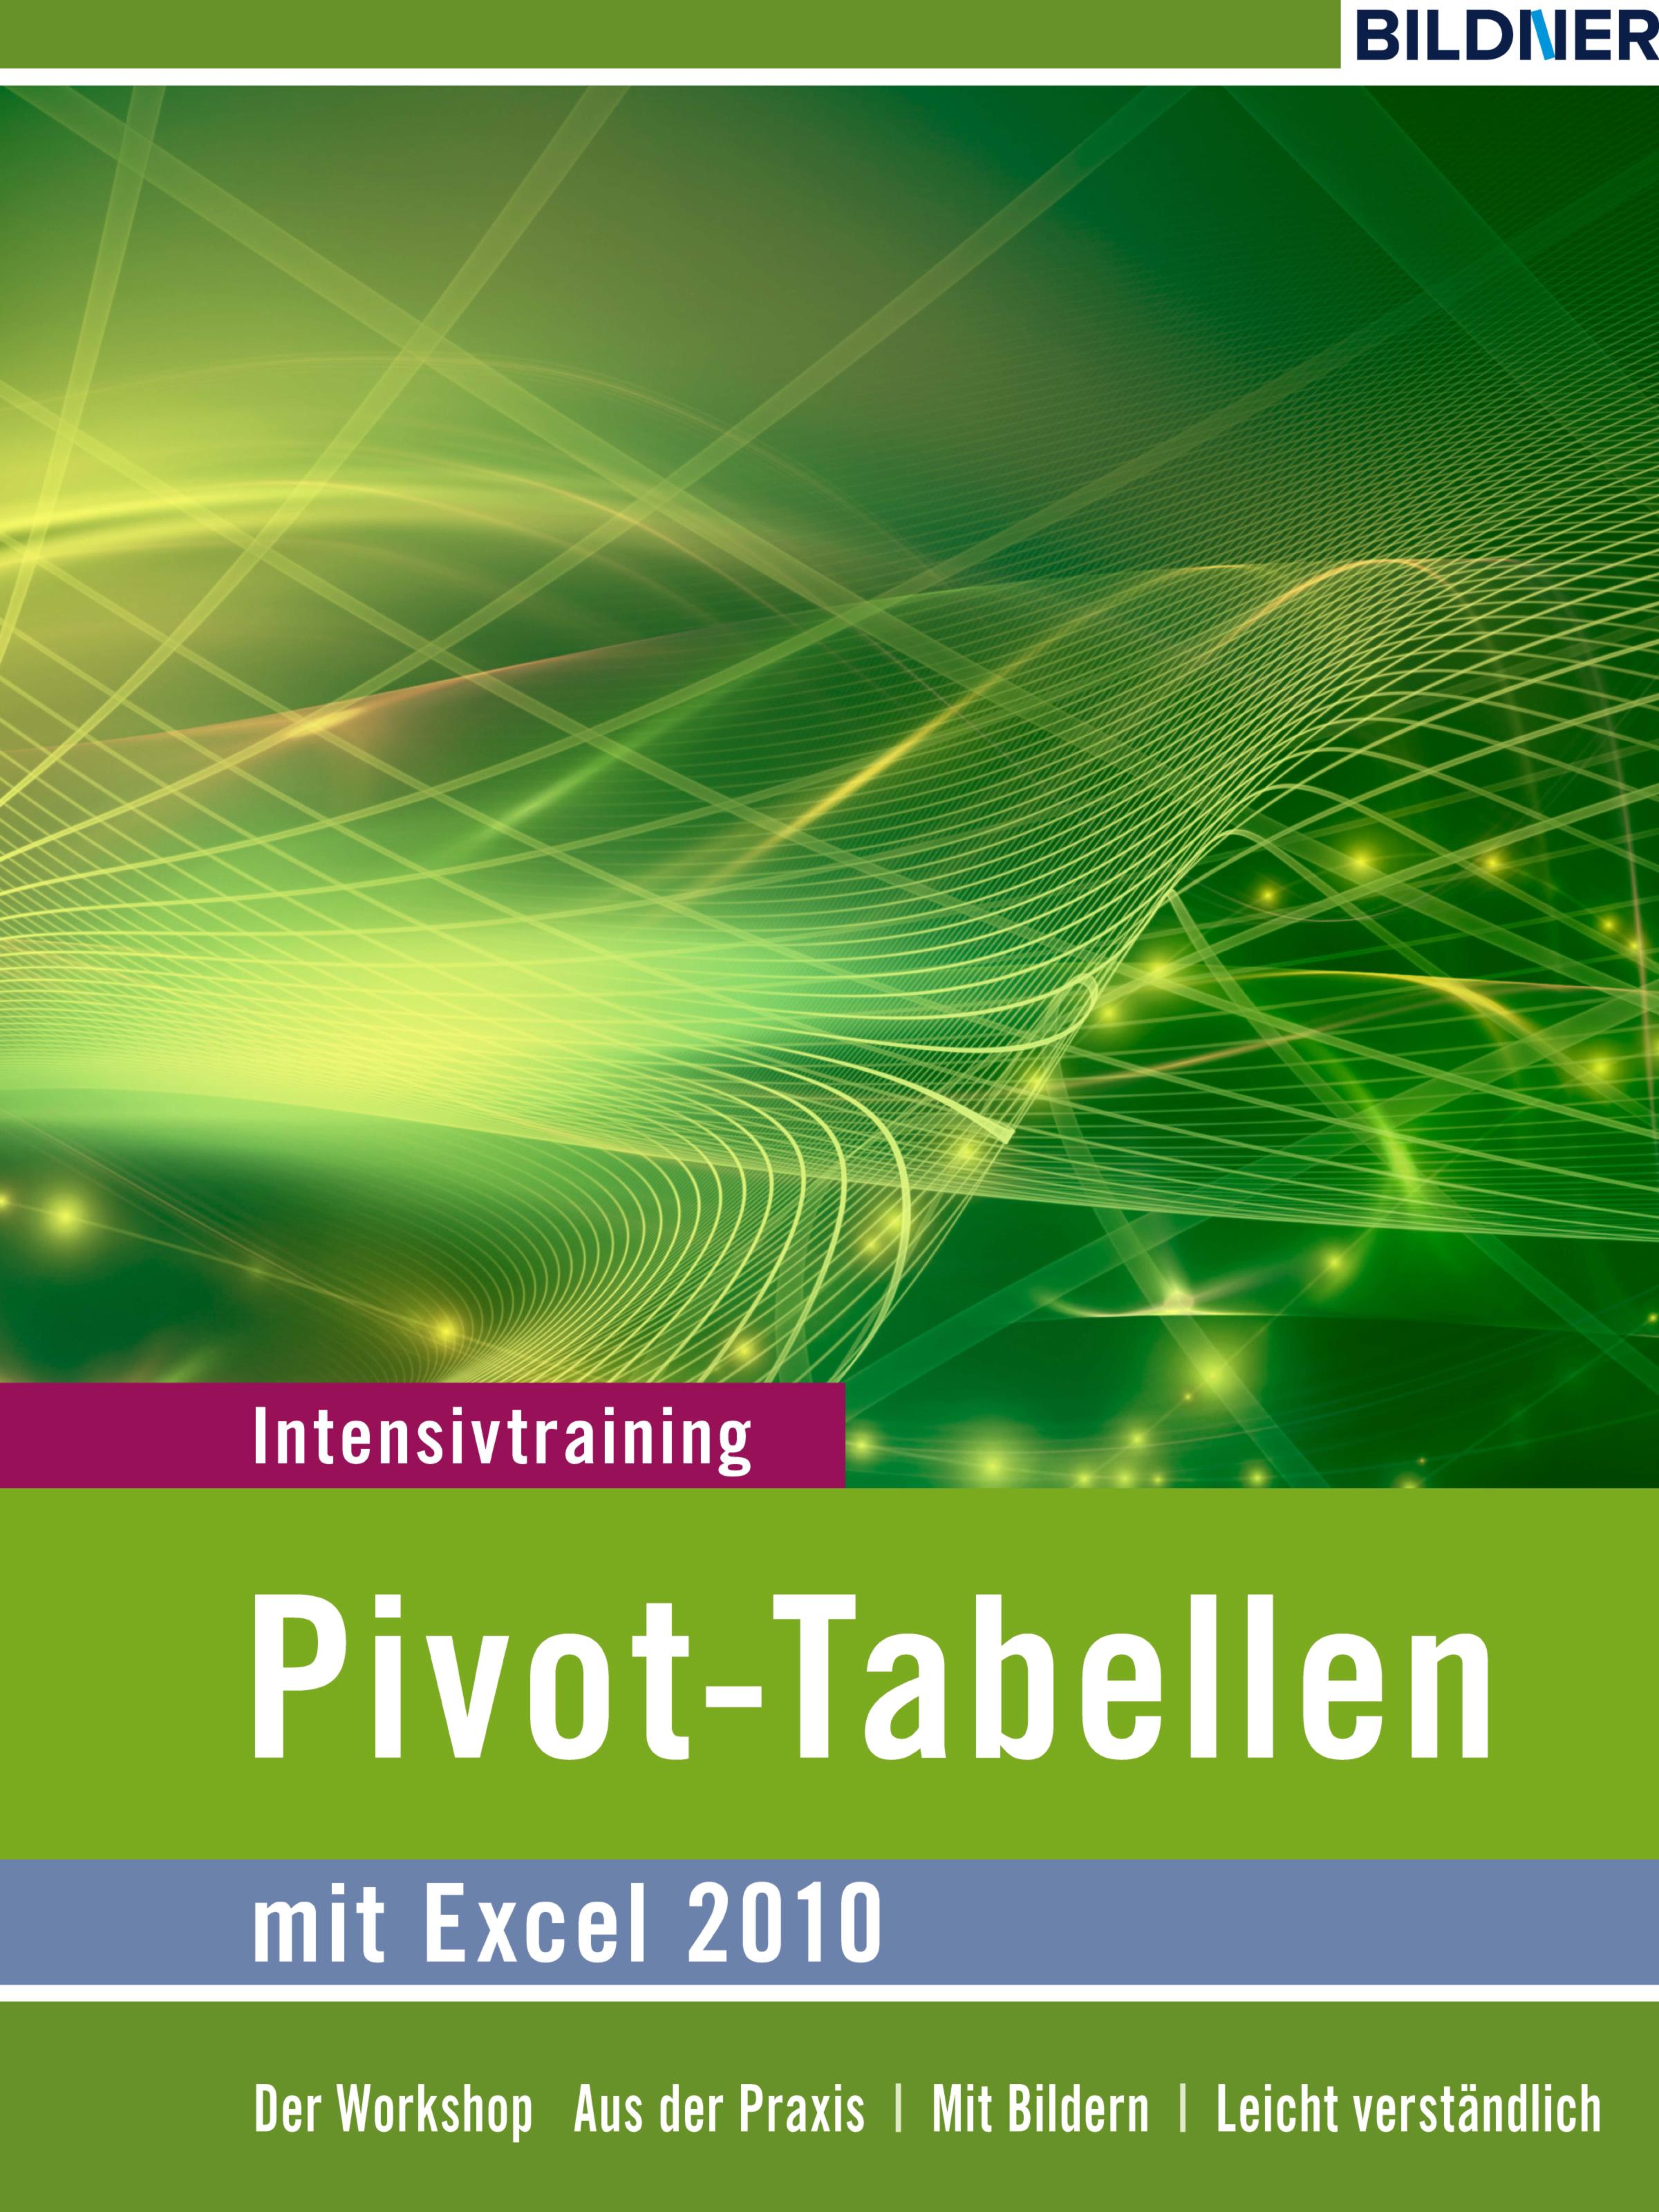 Inge Baumeister Pivot-Tabellen mit Excel 2010